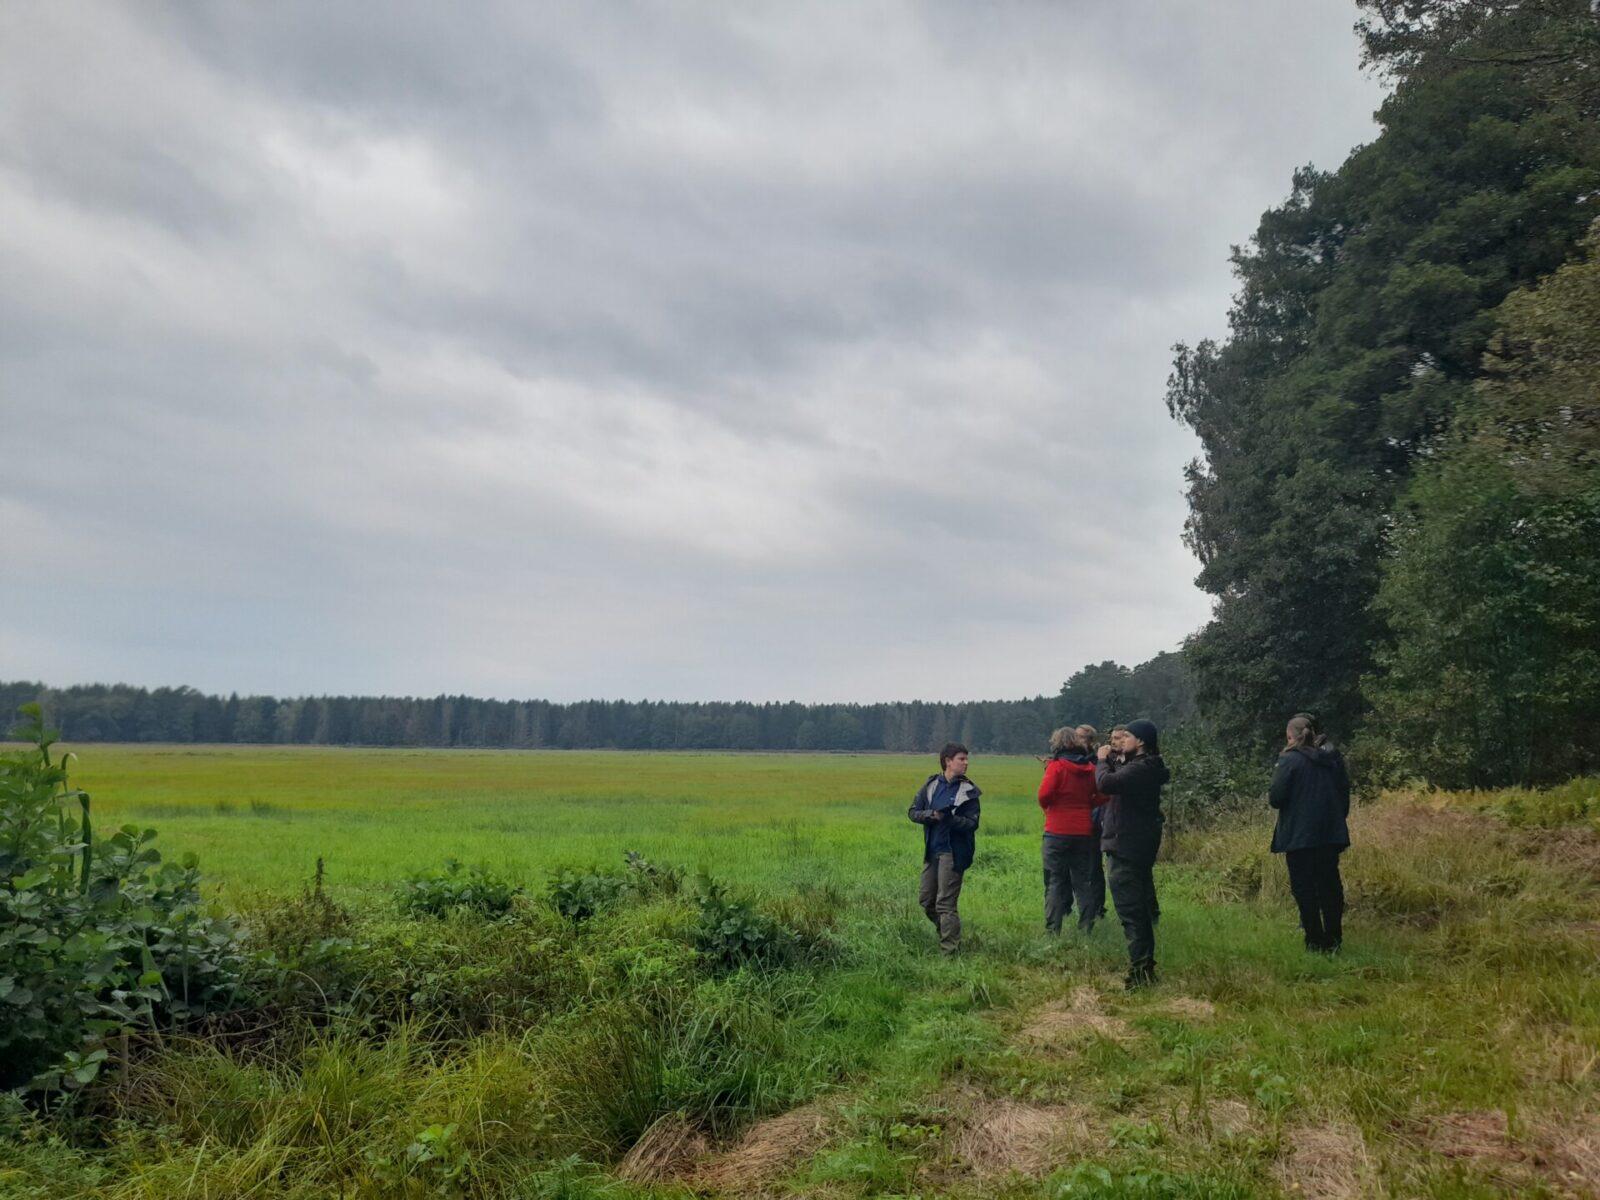 Rewilding Oder Delta – nowe pomysły dla transgranicznej ochrony przyrody